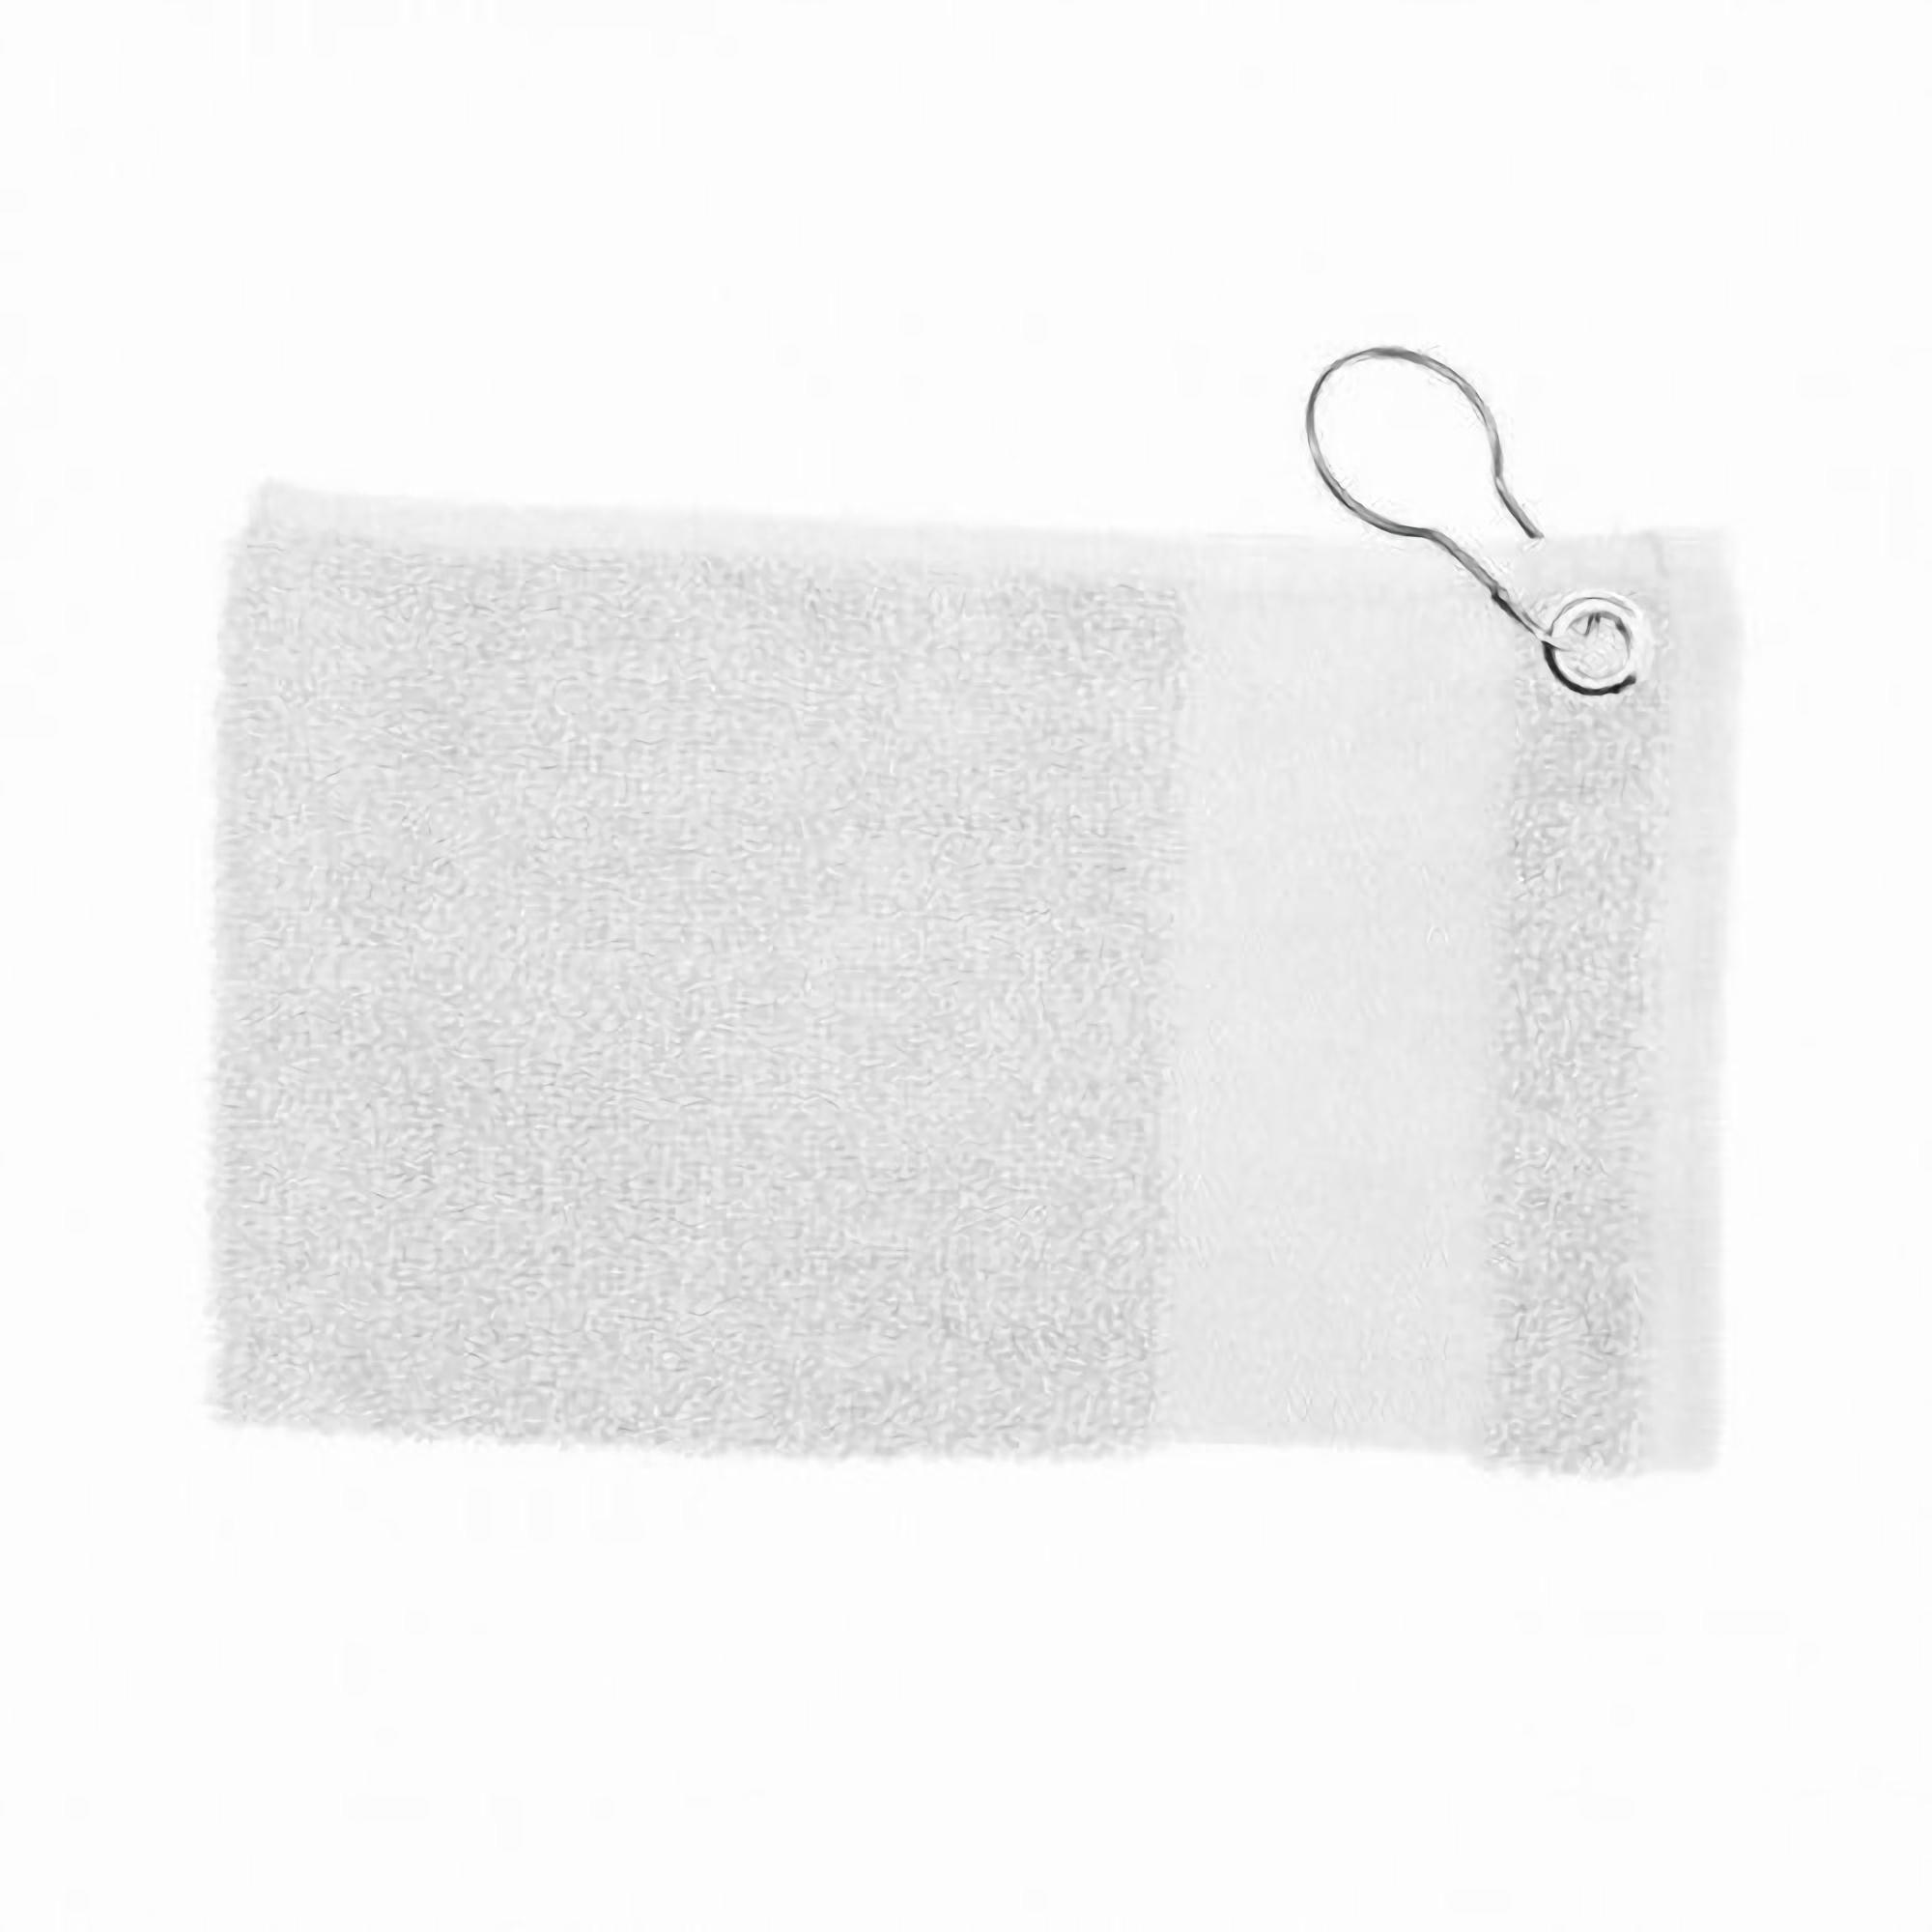 SOLS Caddy 100% Cotton Golf Towel